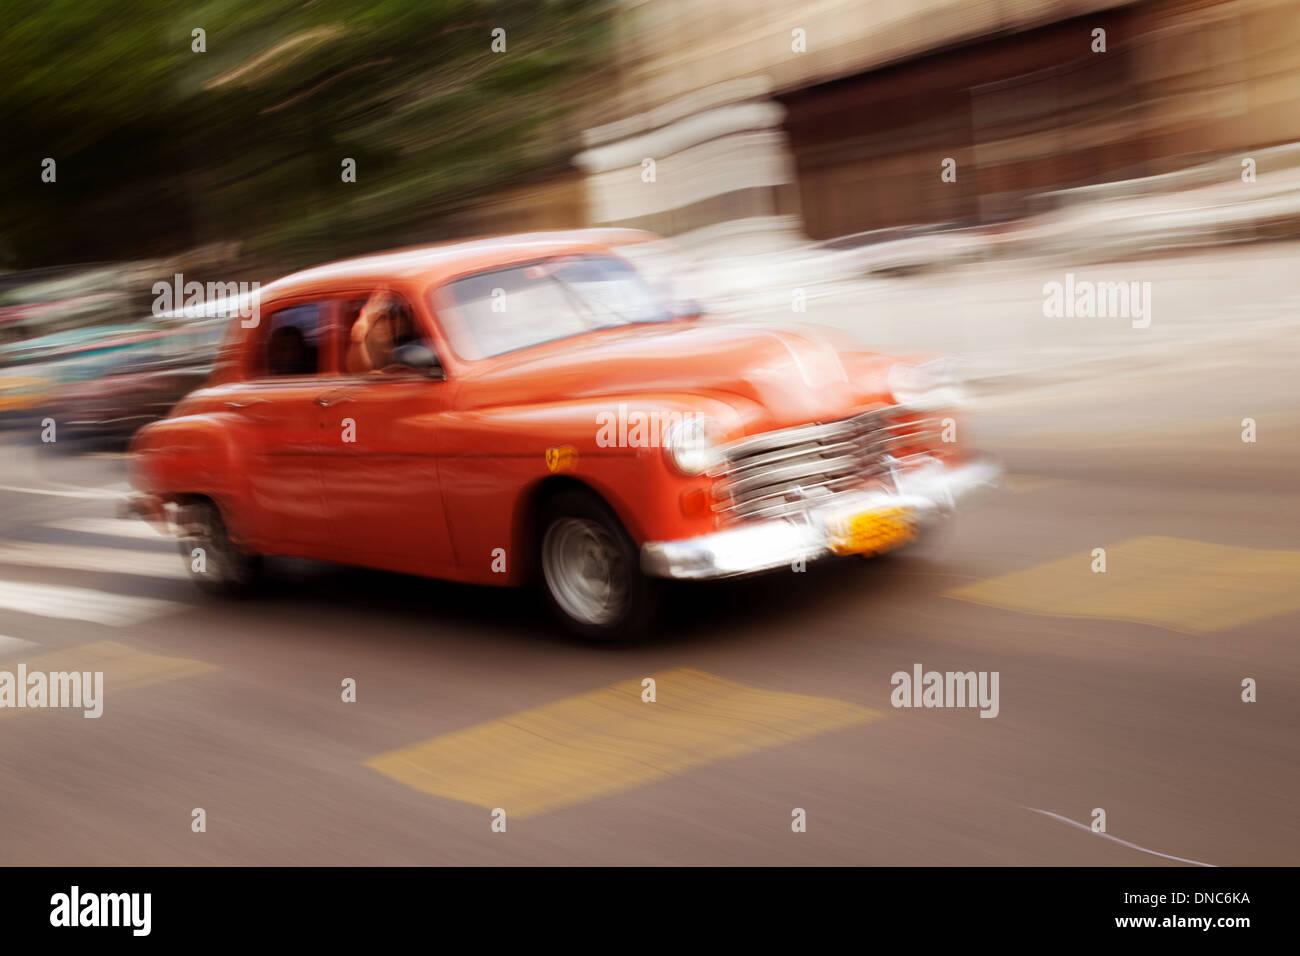 Voiture américaine classique dans la rue avec le flou, La Havane, Cuba, Caraïbes, Amérique Latine Photo Stock